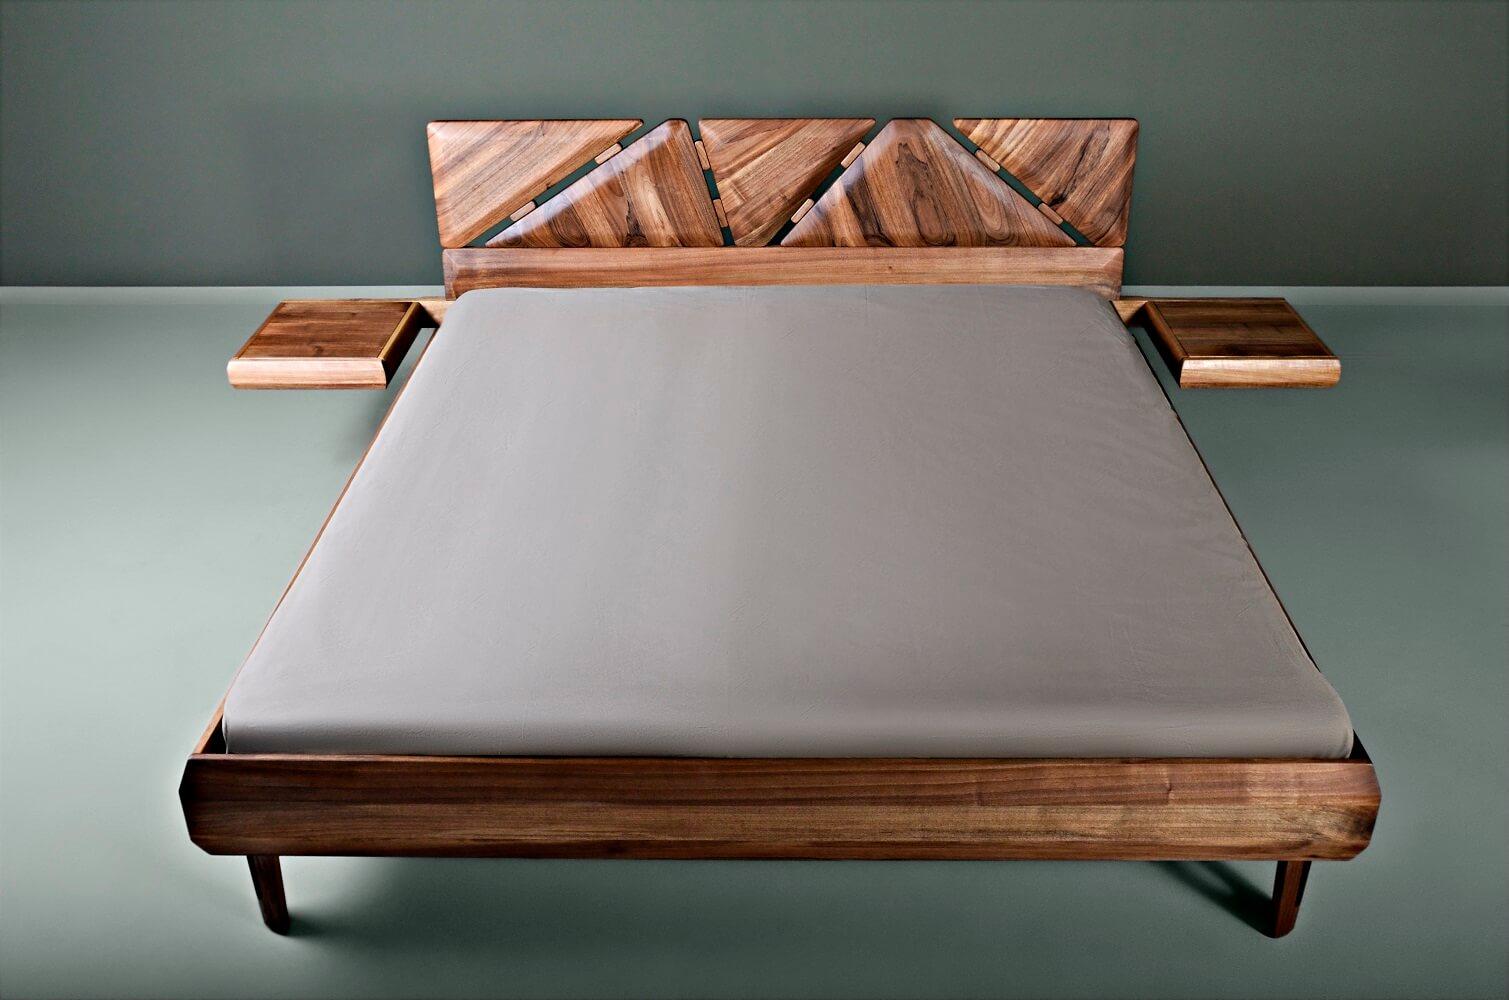 מיטה זוגית מעץ אגוז - Mista